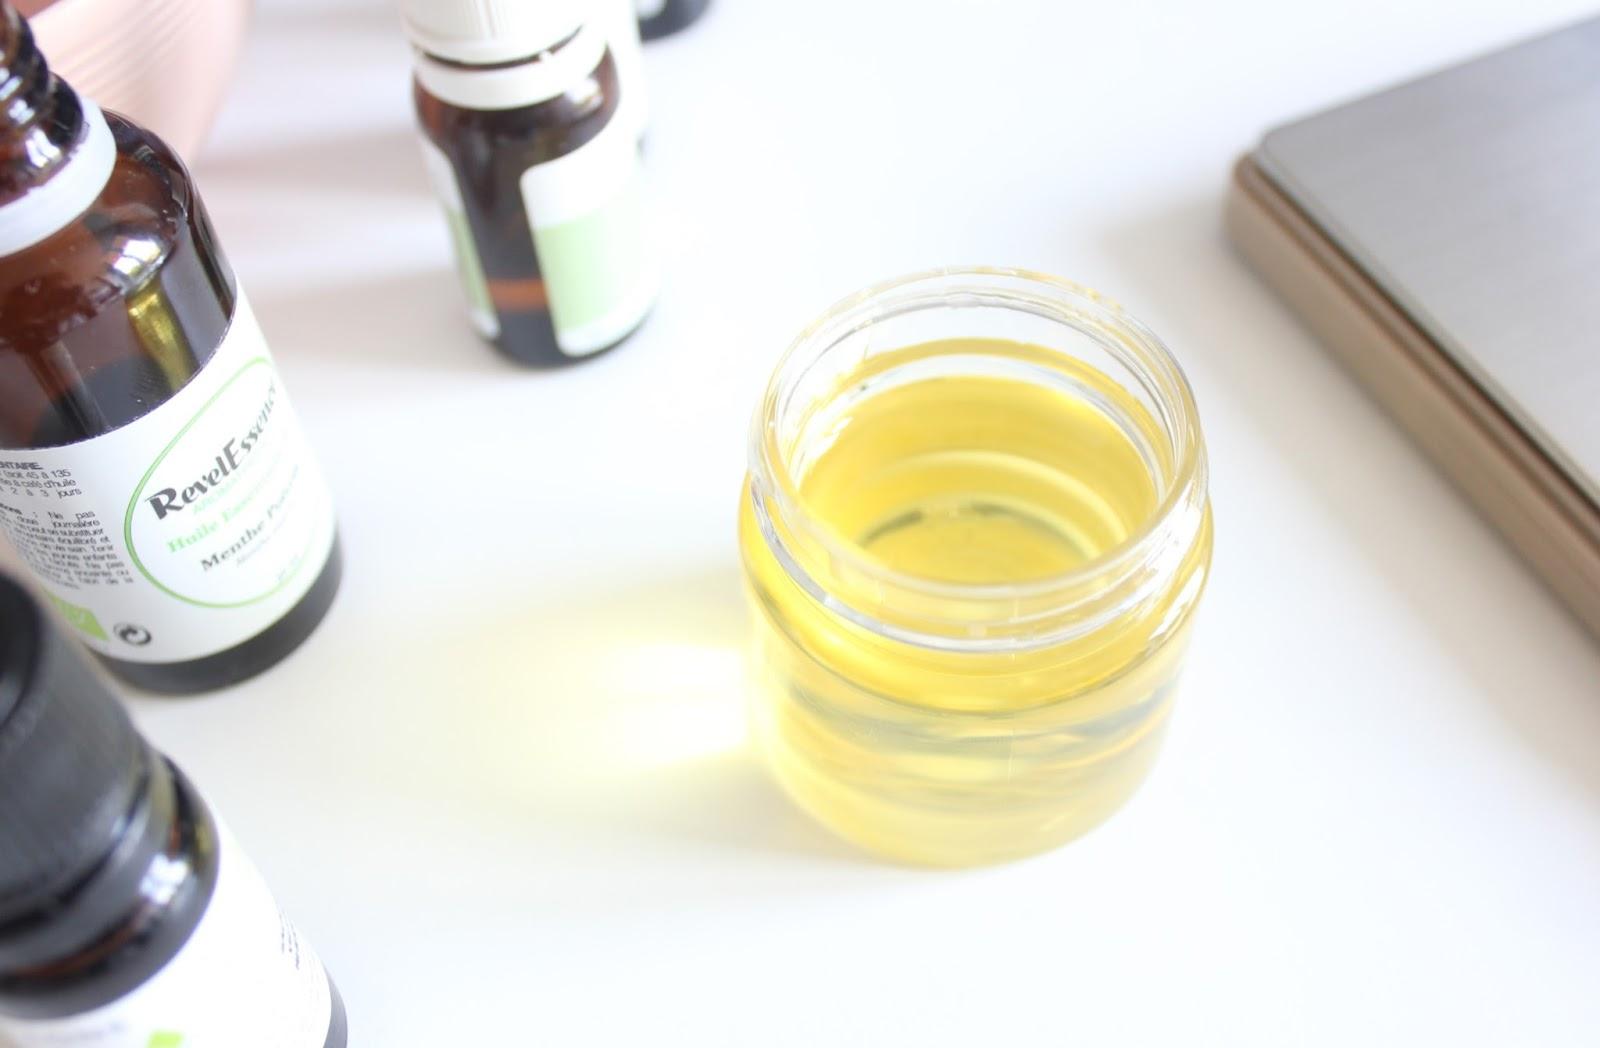 recette naturelle ingrédients baume du tigre vicks vaporub huiles essentielles fait maison